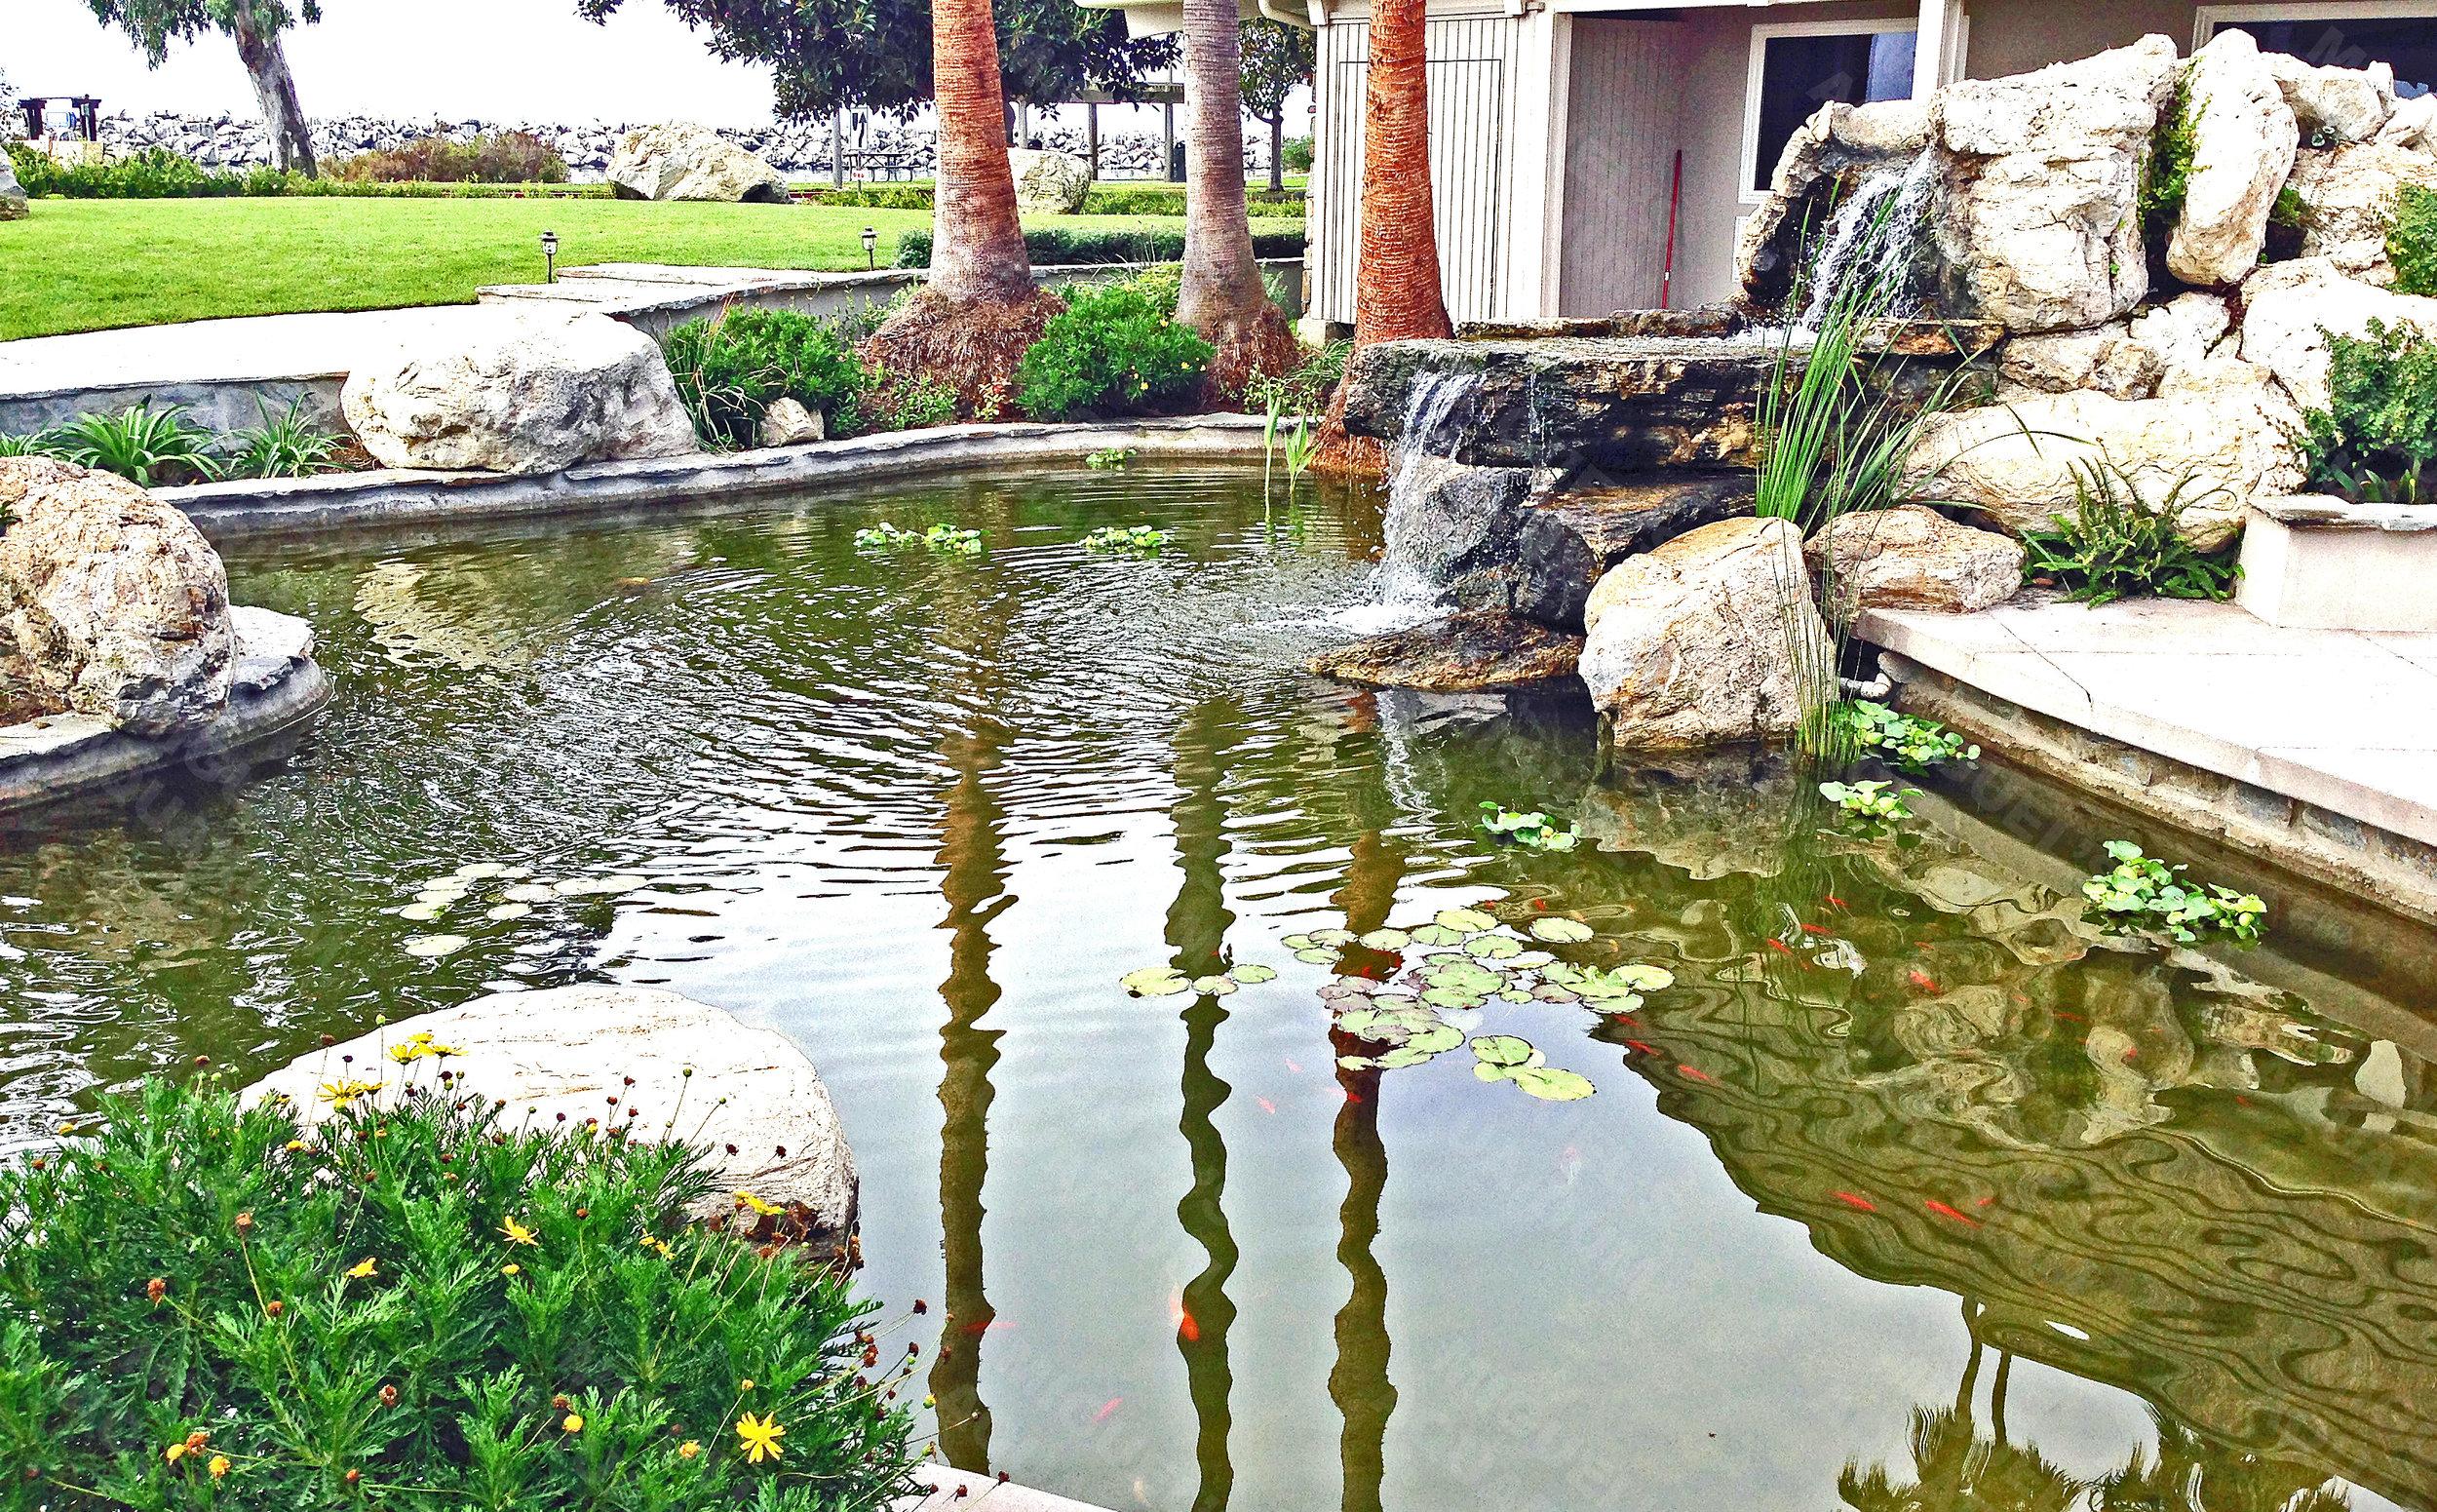 Pond Maintenance - Weekly, Bi-Weekly or Monthly